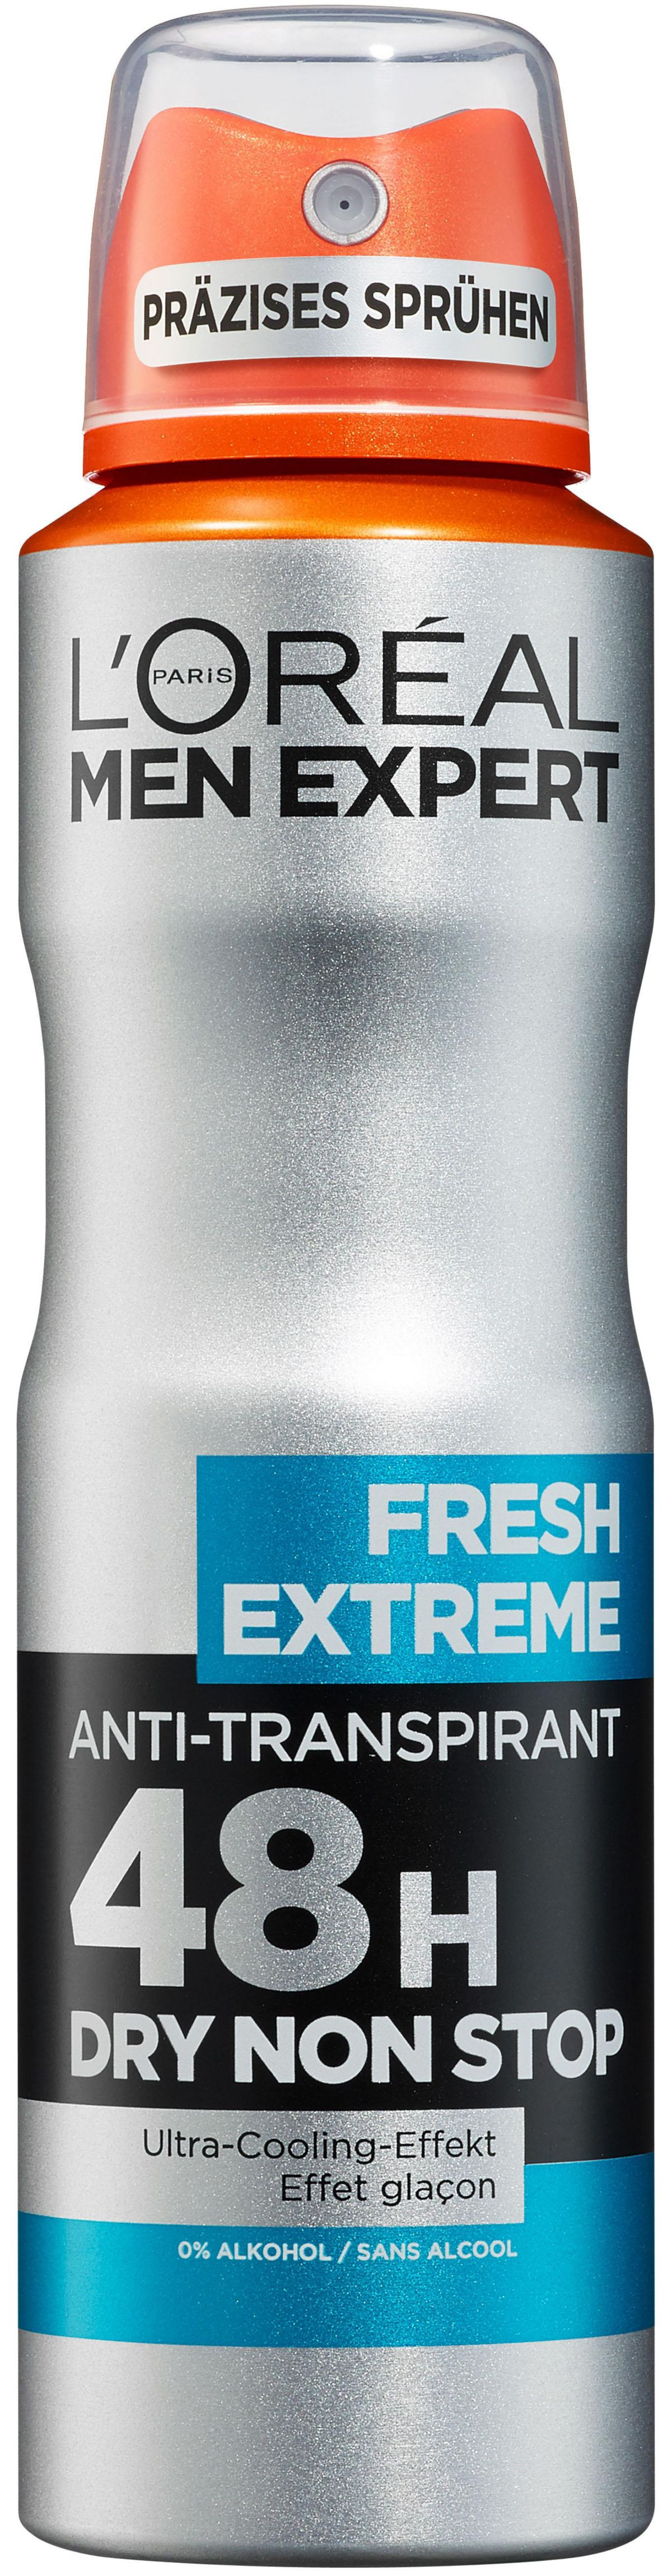 L´oréal Paris Men Expert, »Fresh Extreme«, Deo-Spray